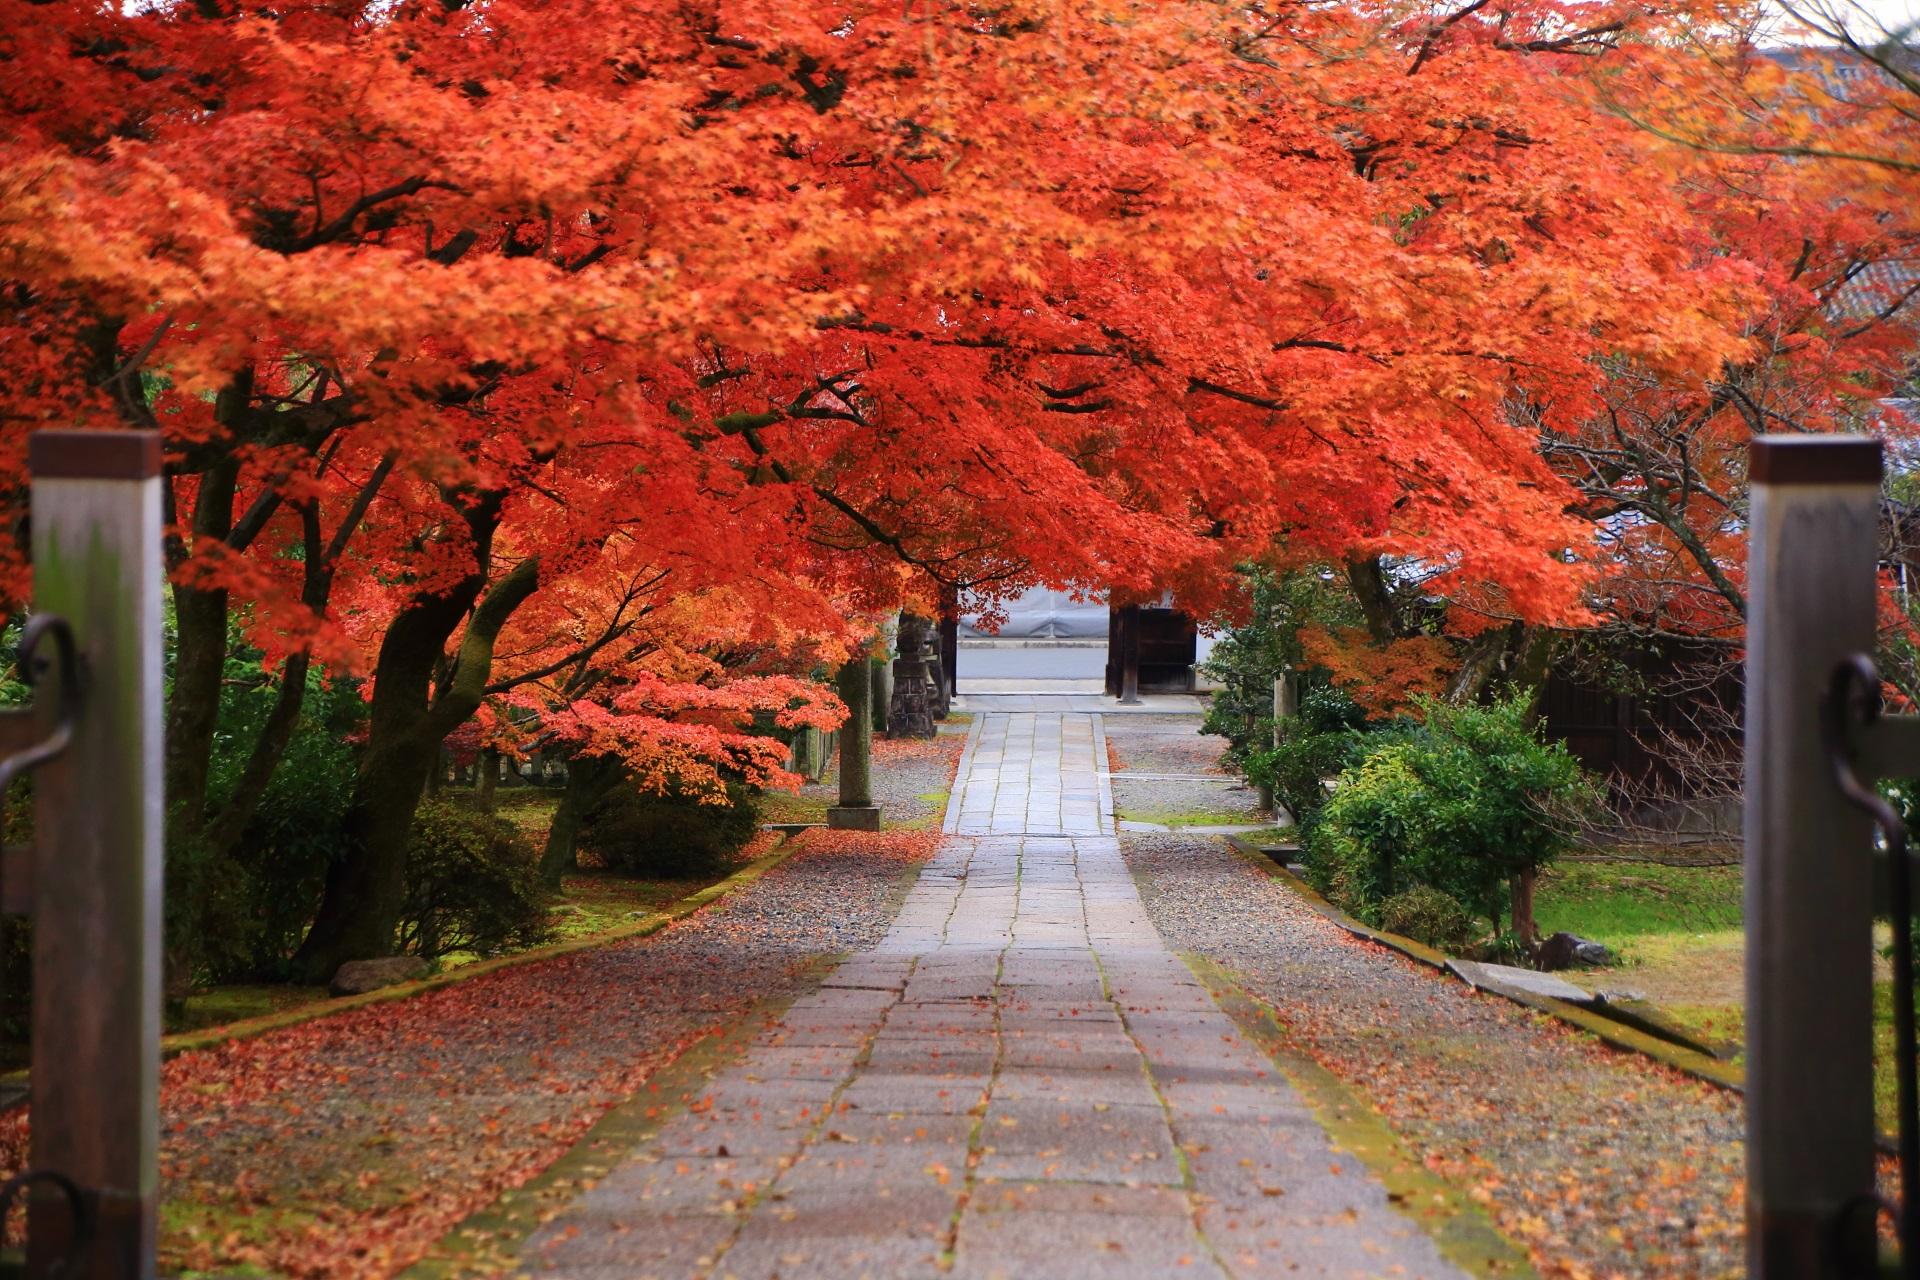 養源院の玄関前から眺めた絶品の紅葉の参道